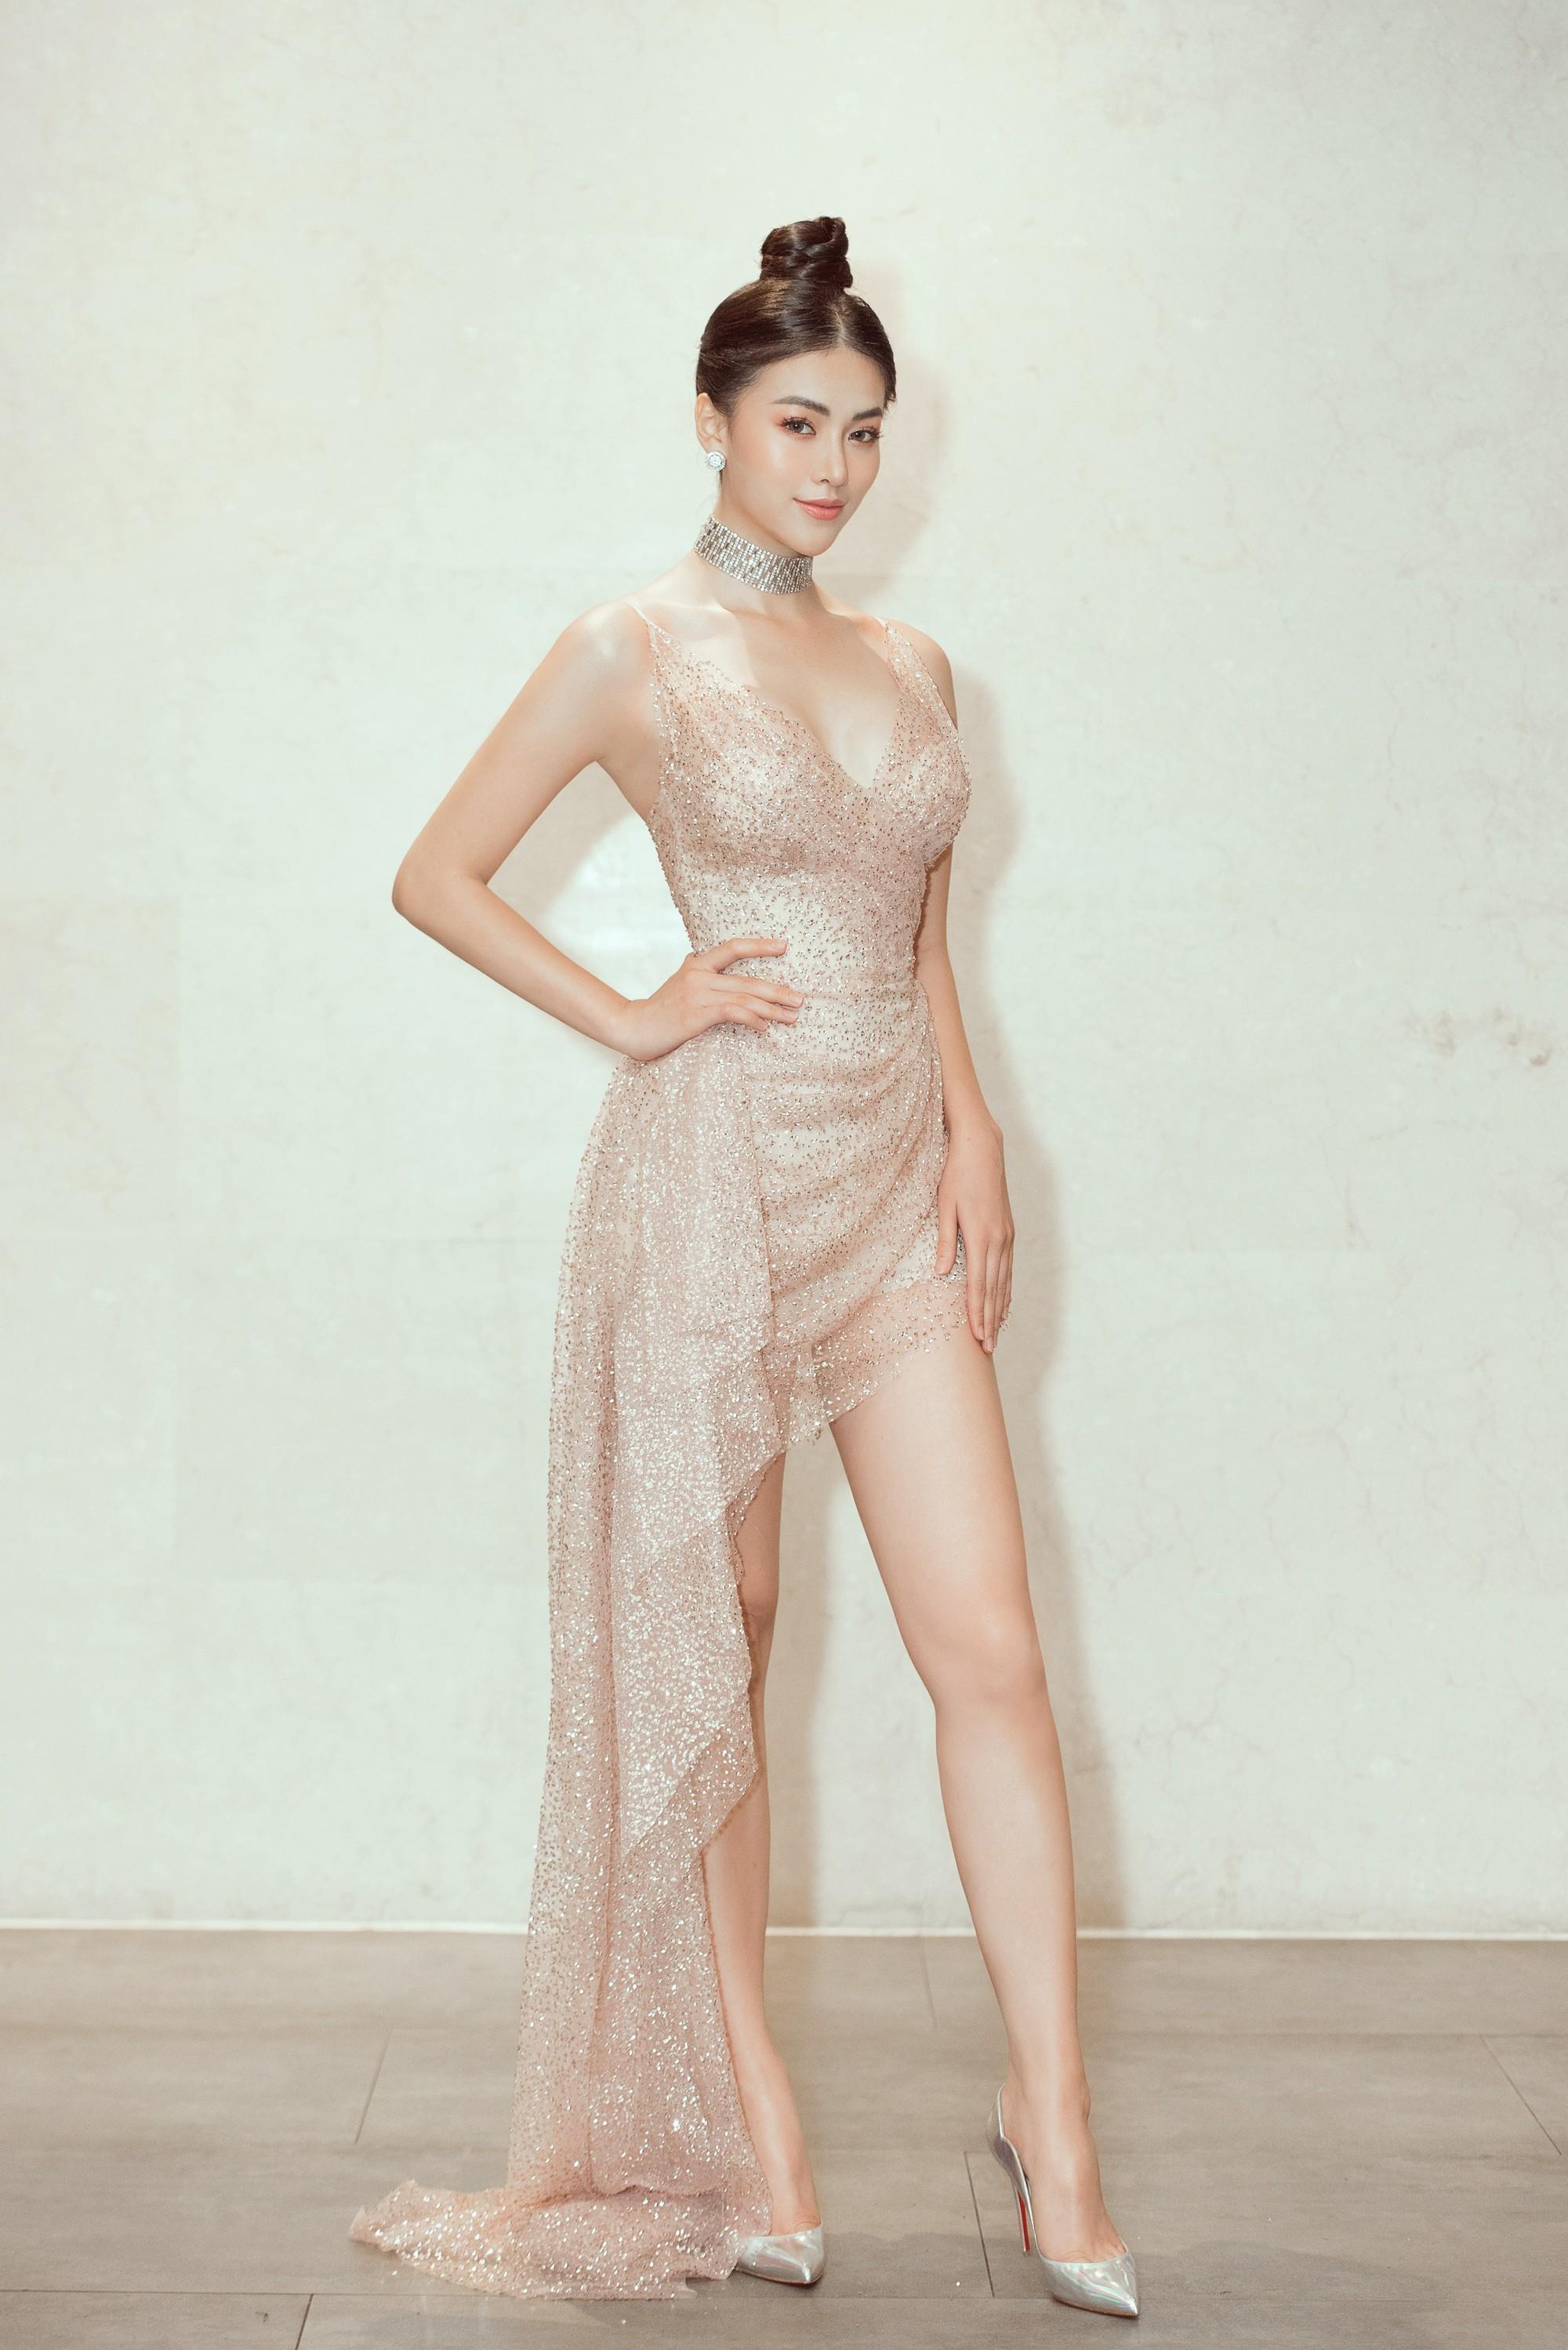 Hoa hậu Phương Khánh giảm 10 kg để sở hữu vòng eo 54 cm - Ảnh 6.